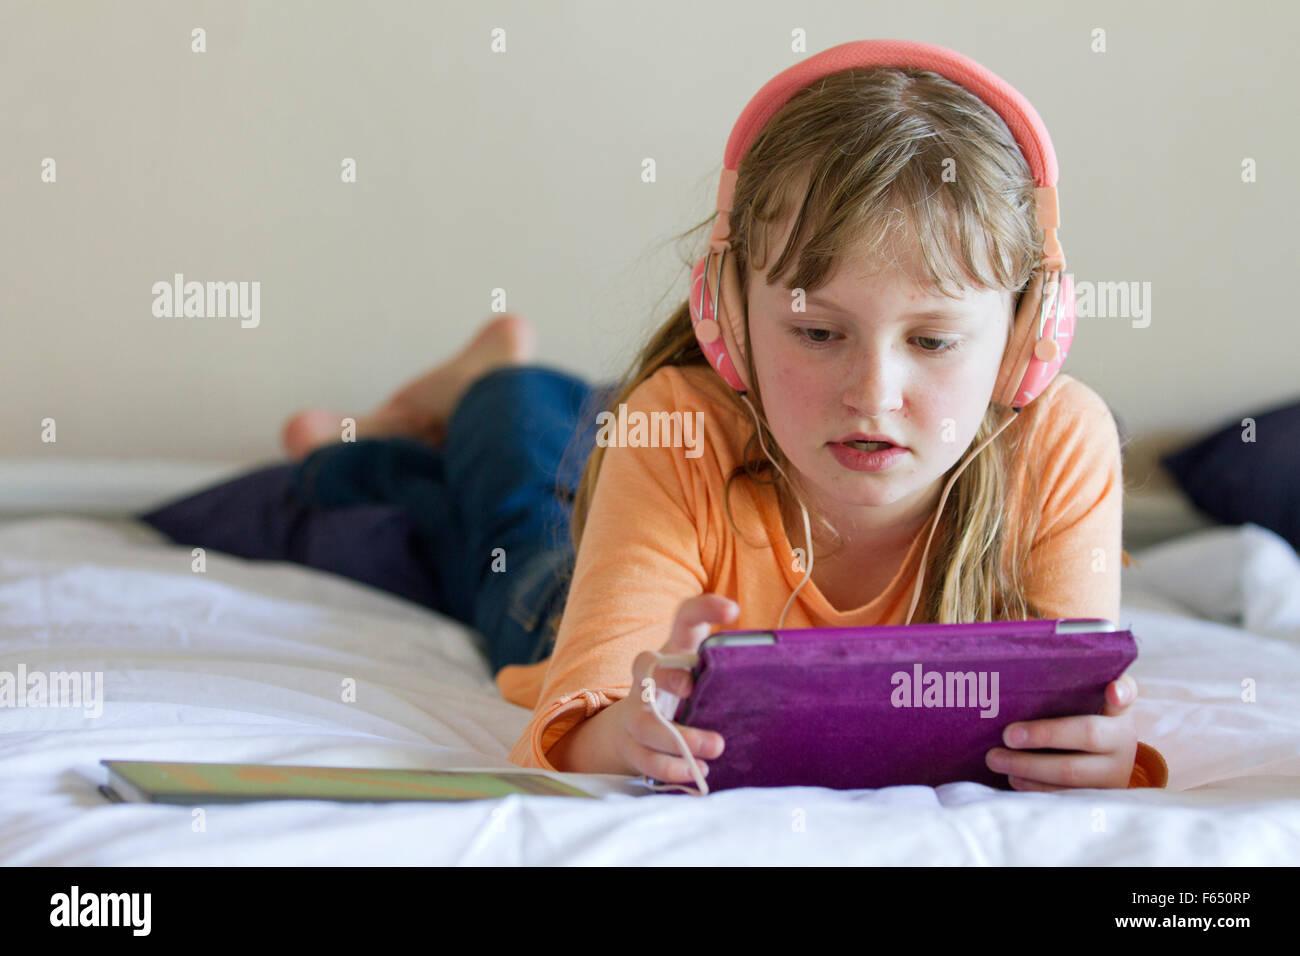 Chica trabajando en el iPad mini con auriculares Imagen De Stock